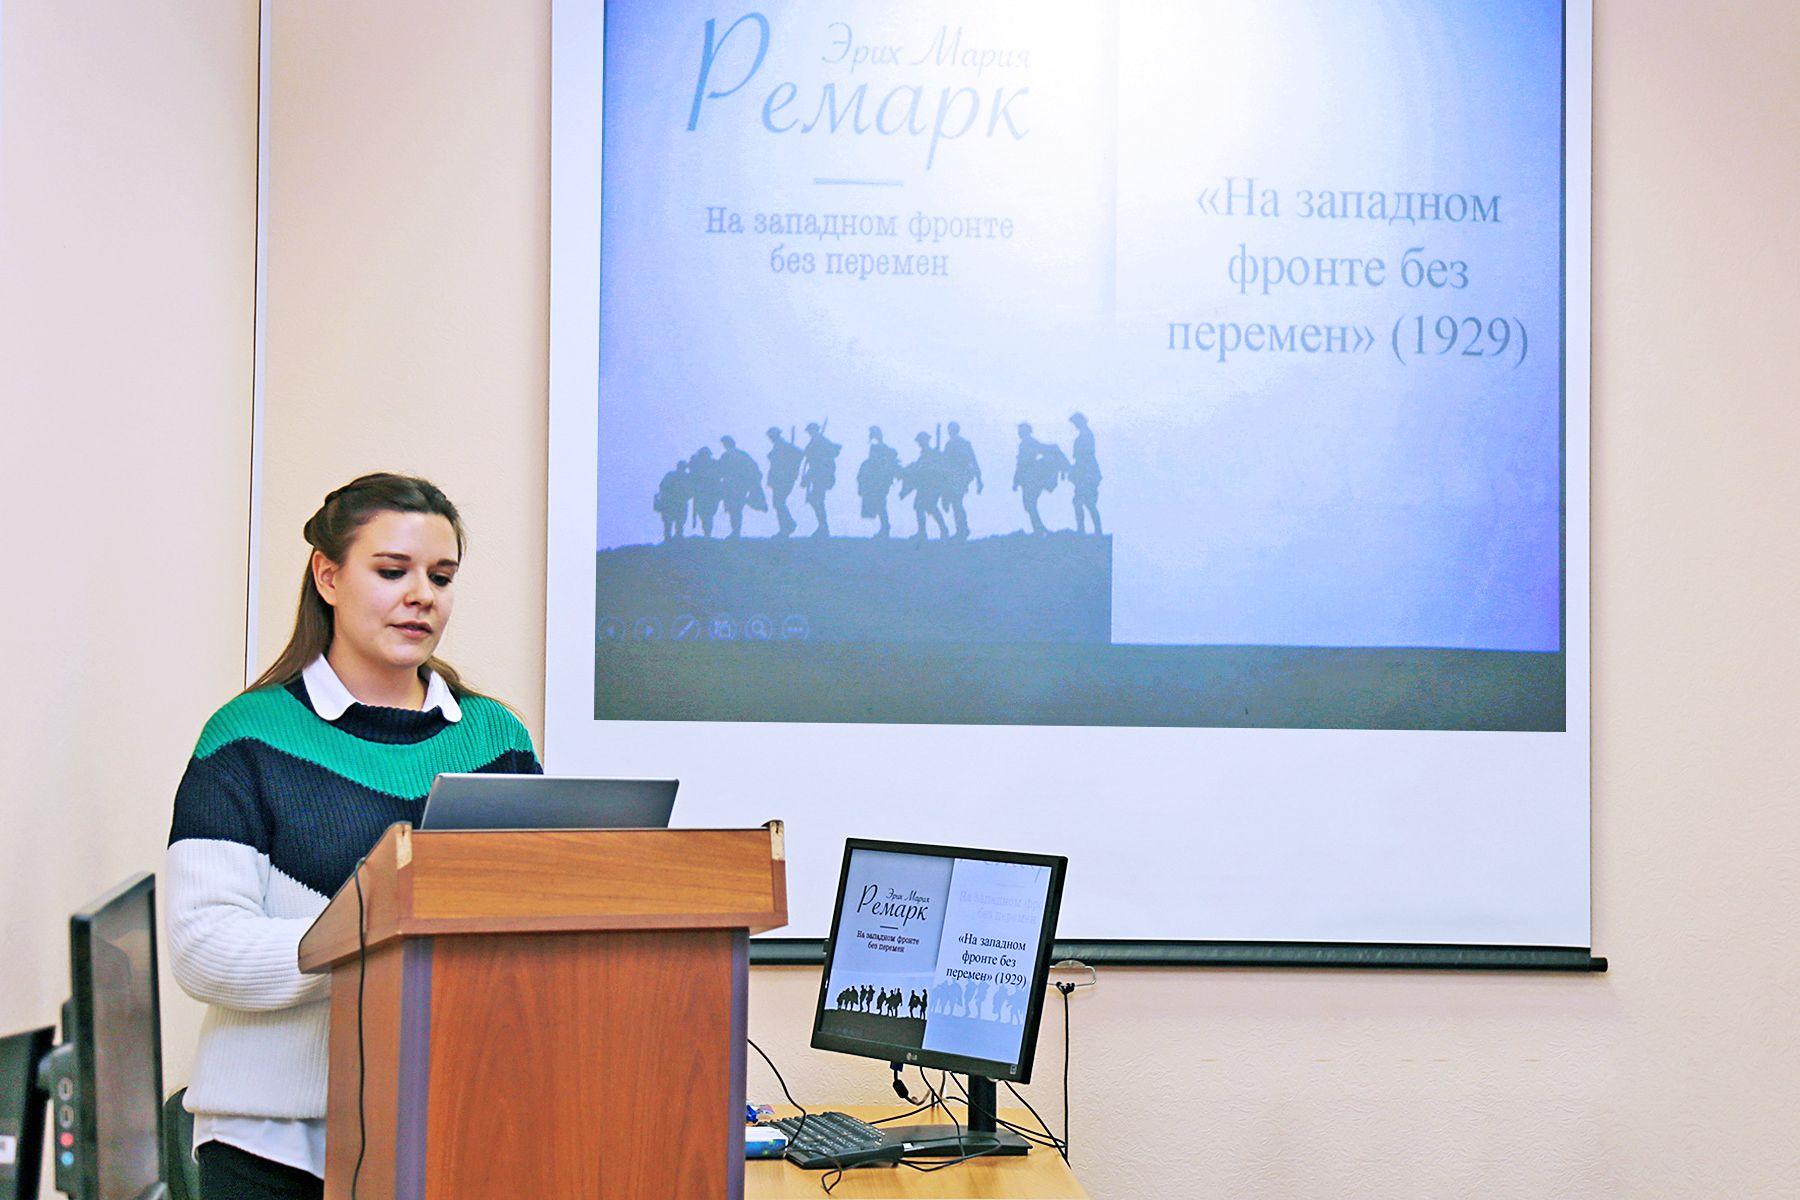 Видеолекции, презентации, тесты, итоговое эссе: онлайн-курсы преподавателей ВГУЭС на российской образовательной платформе Stepik